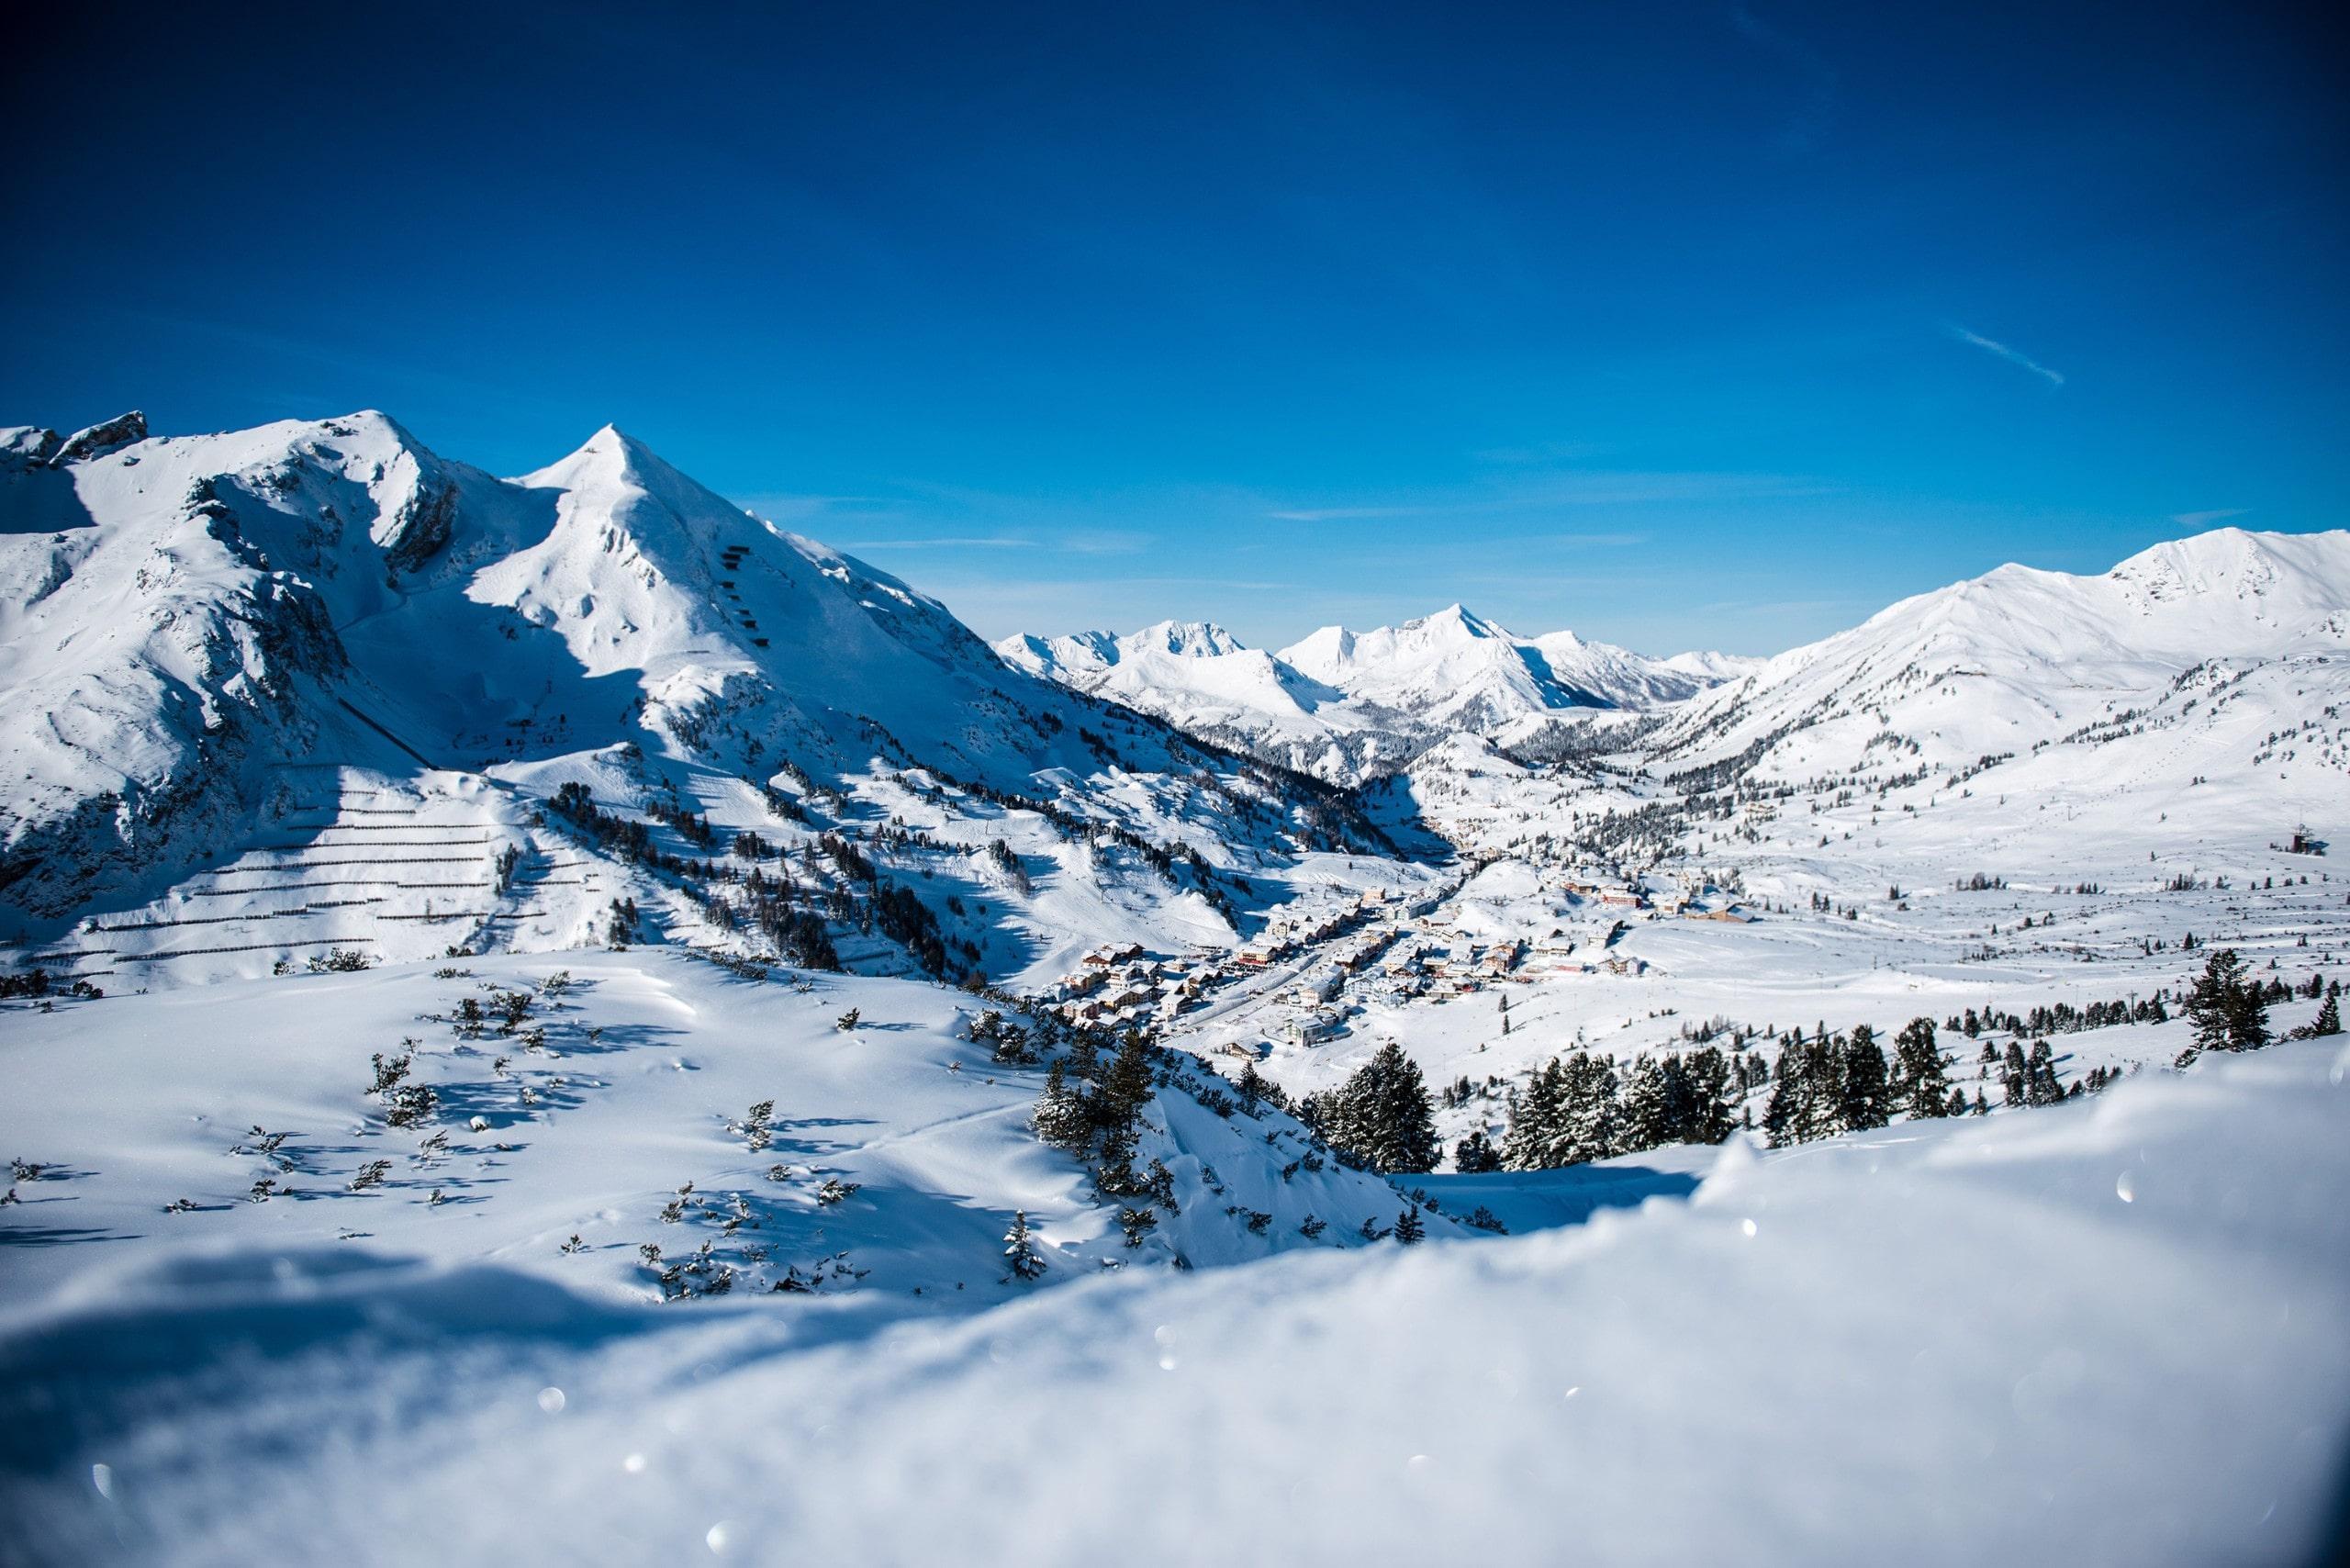 Vue sur un paysage de montagne ensoleillé lors d'un cours de ski avec l'une des écoles de ski de la station de ski Obertauern.